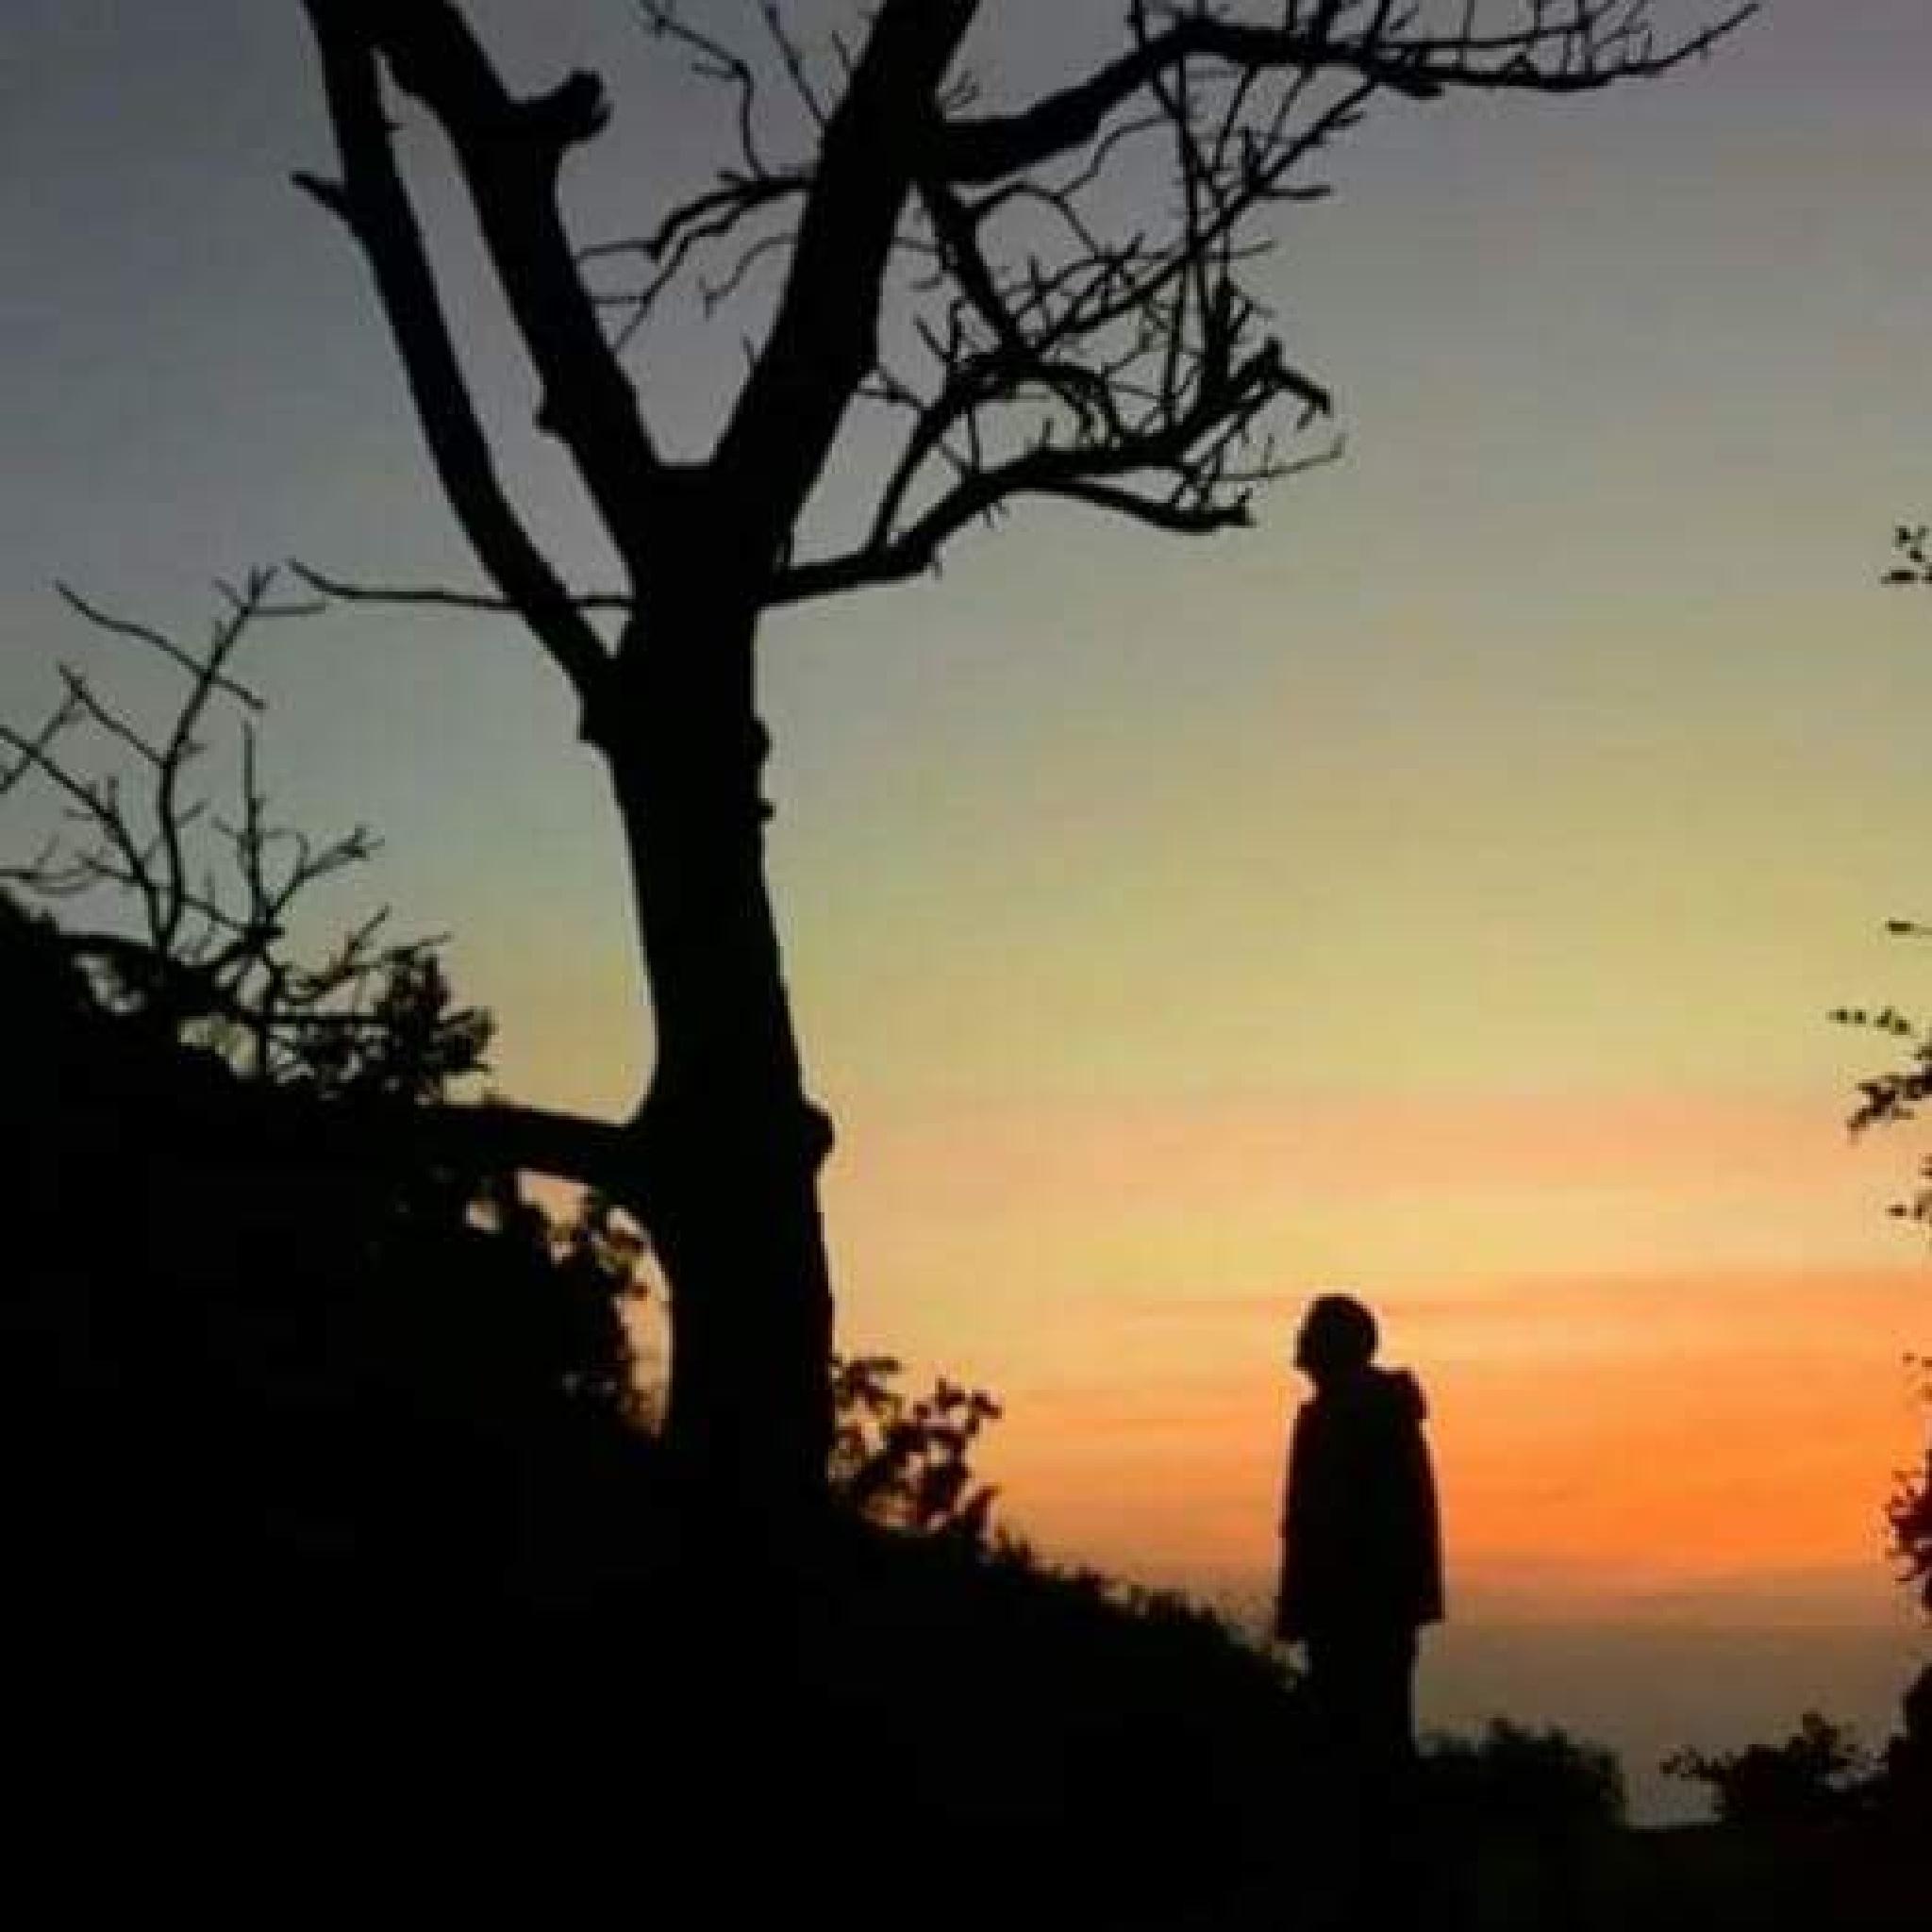 Sunset at Mt.Abu by Subhankar Chowdhury Ankush